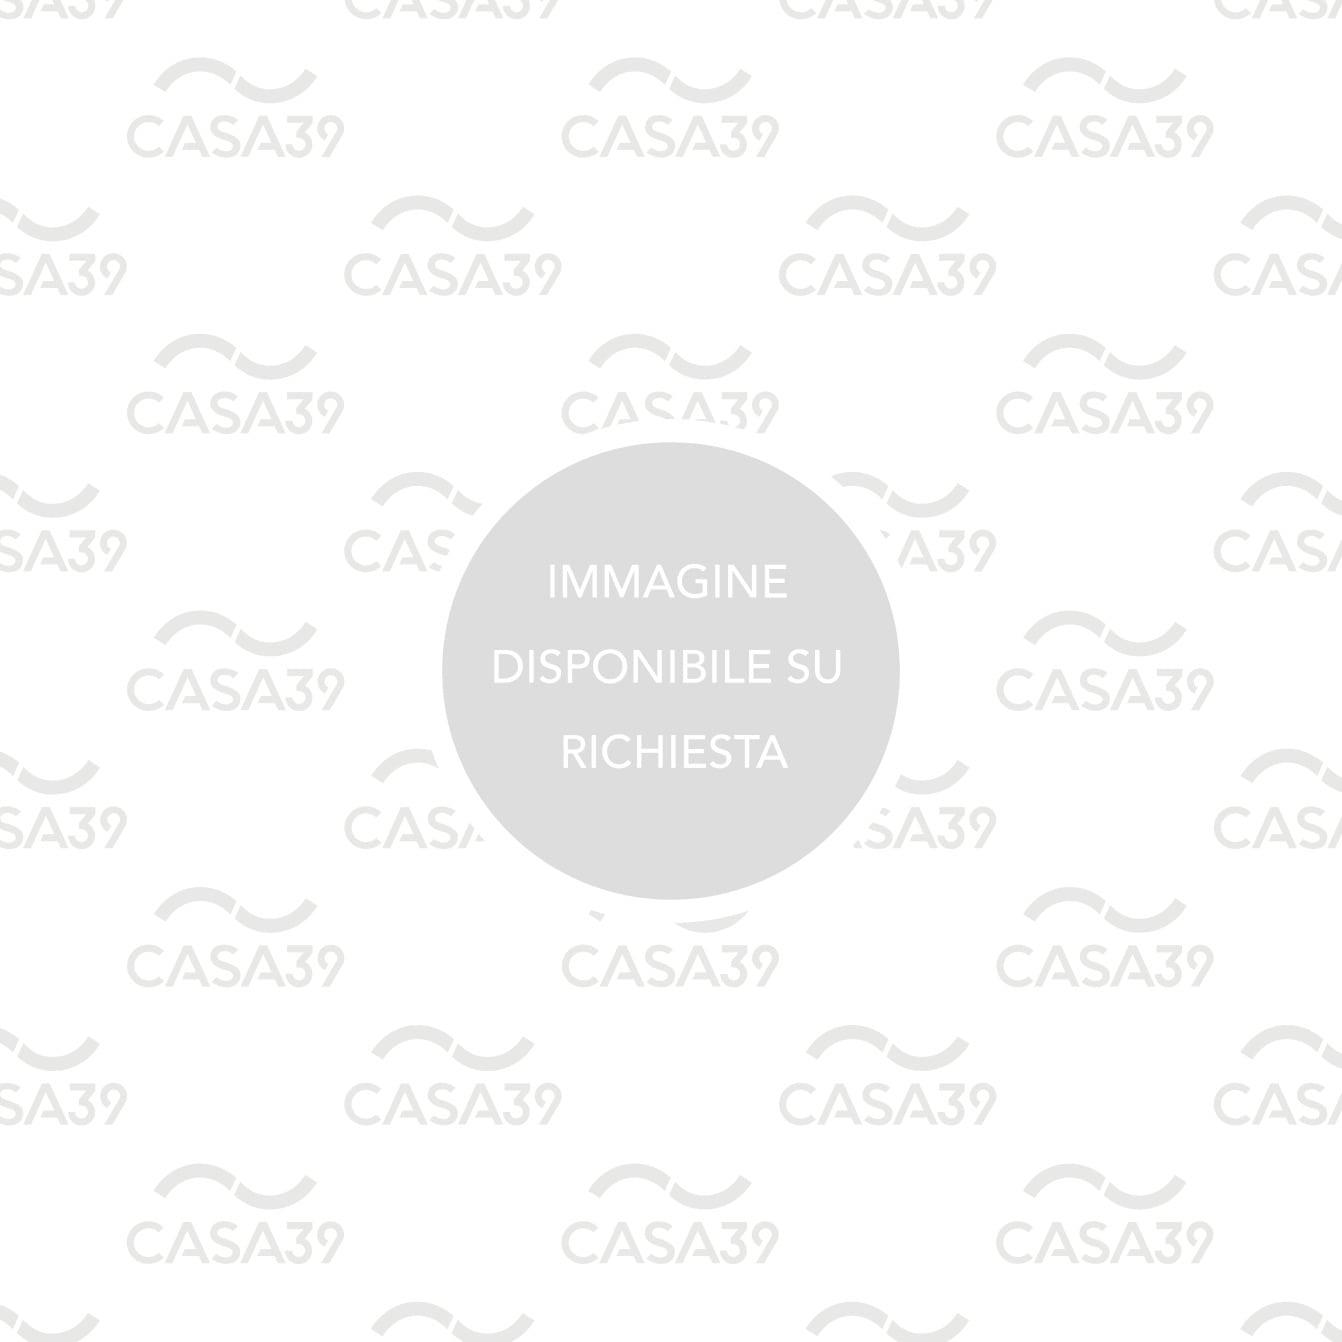 Eban Mobili Bagno Catalogo.Eban Composizione Rebecca 167 Casa39 It